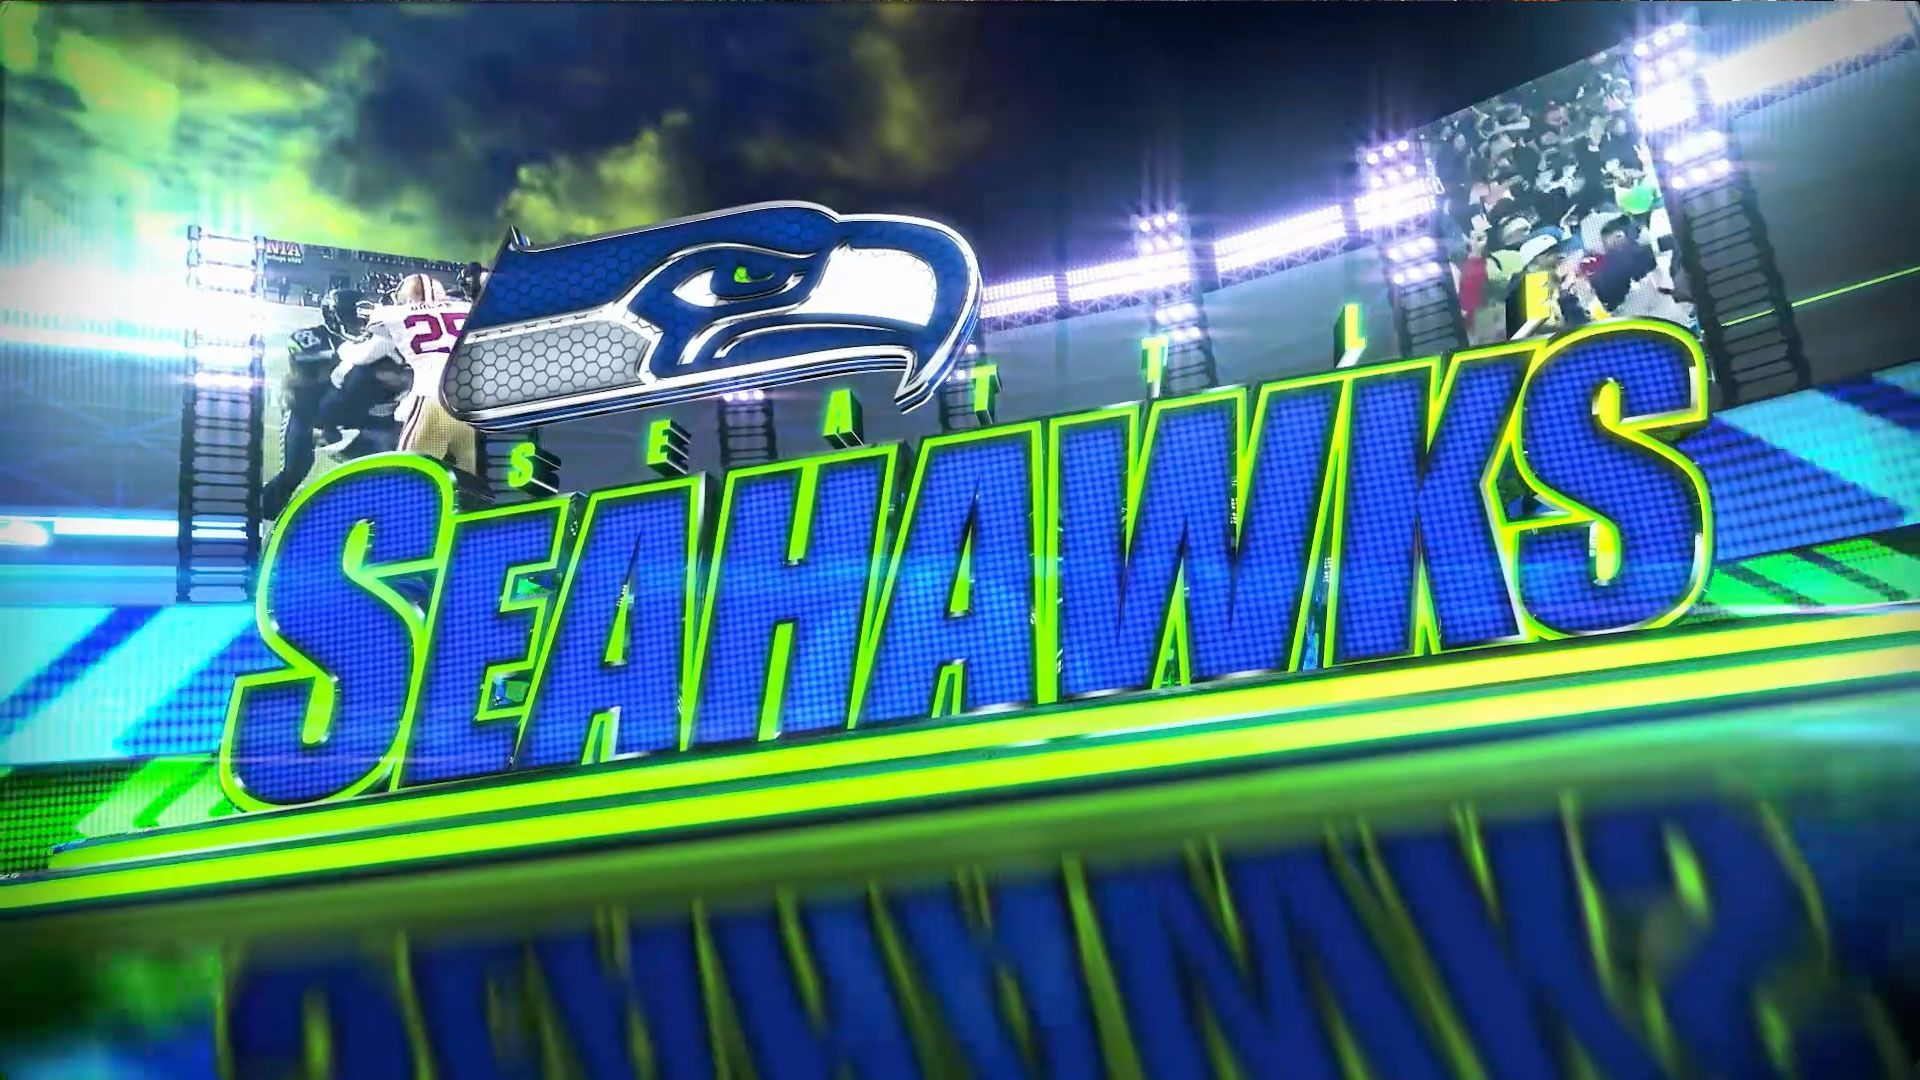 Seattle Seahawks free hd wallpaper